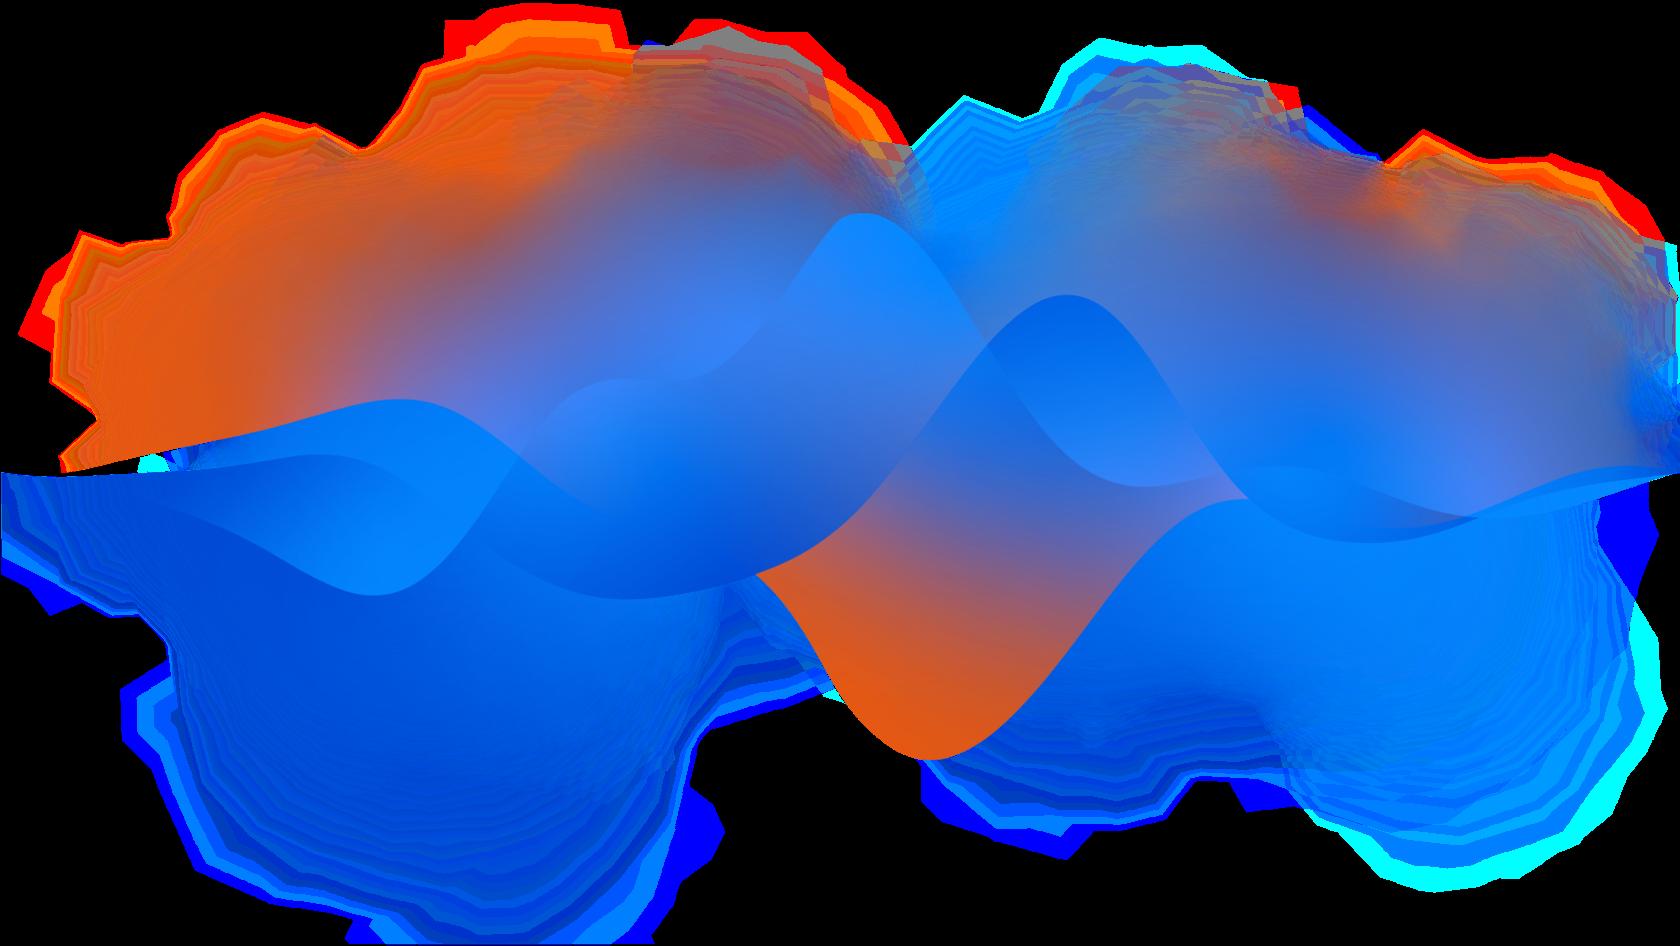 абстрактные голосовые волны